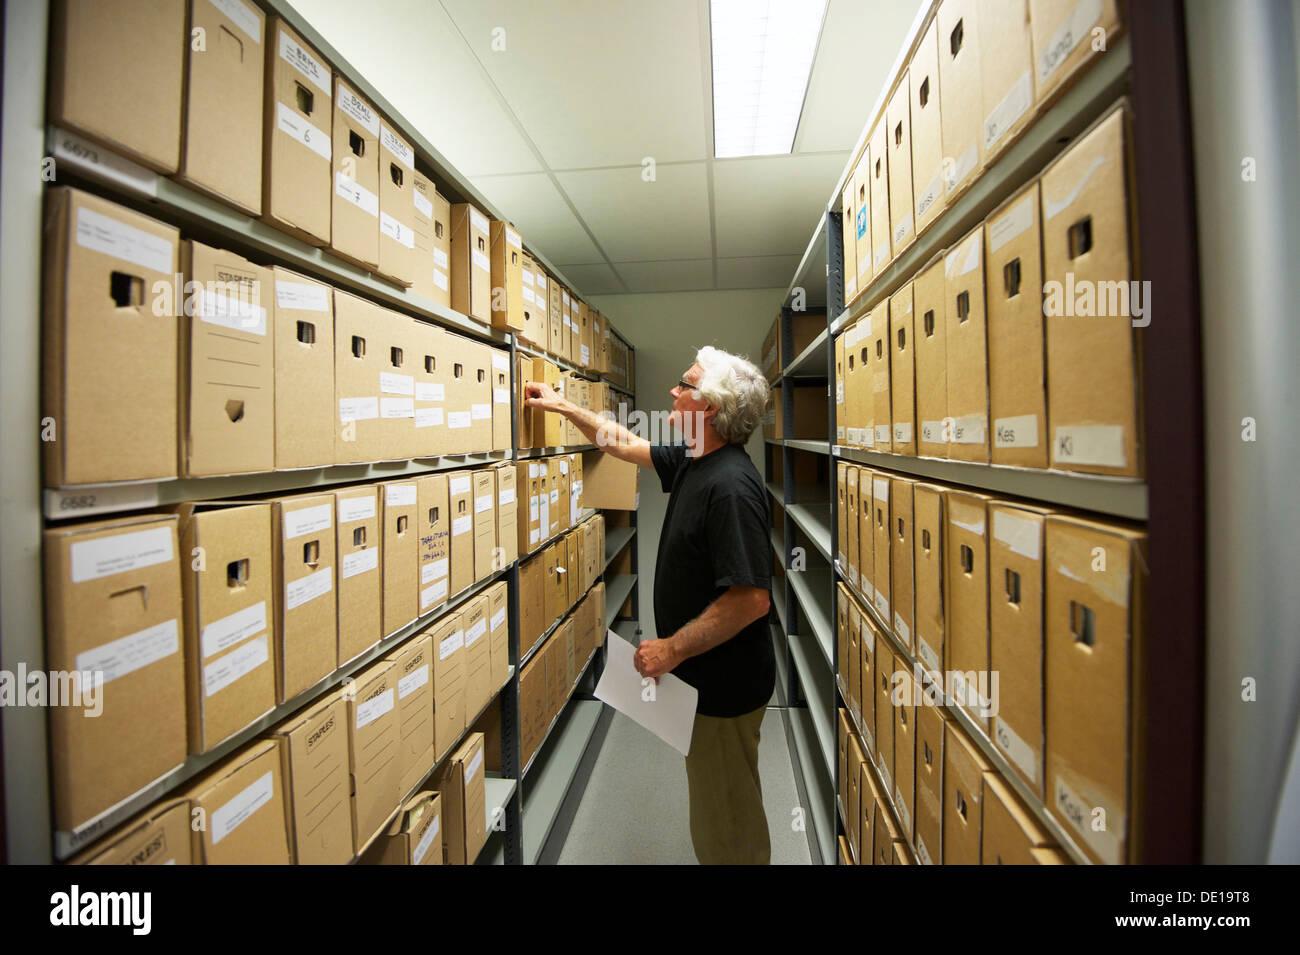 Holland-Breda. 23-10-12. Archivio di una scuola. Foto: Gerrit de Heus Immagini Stock